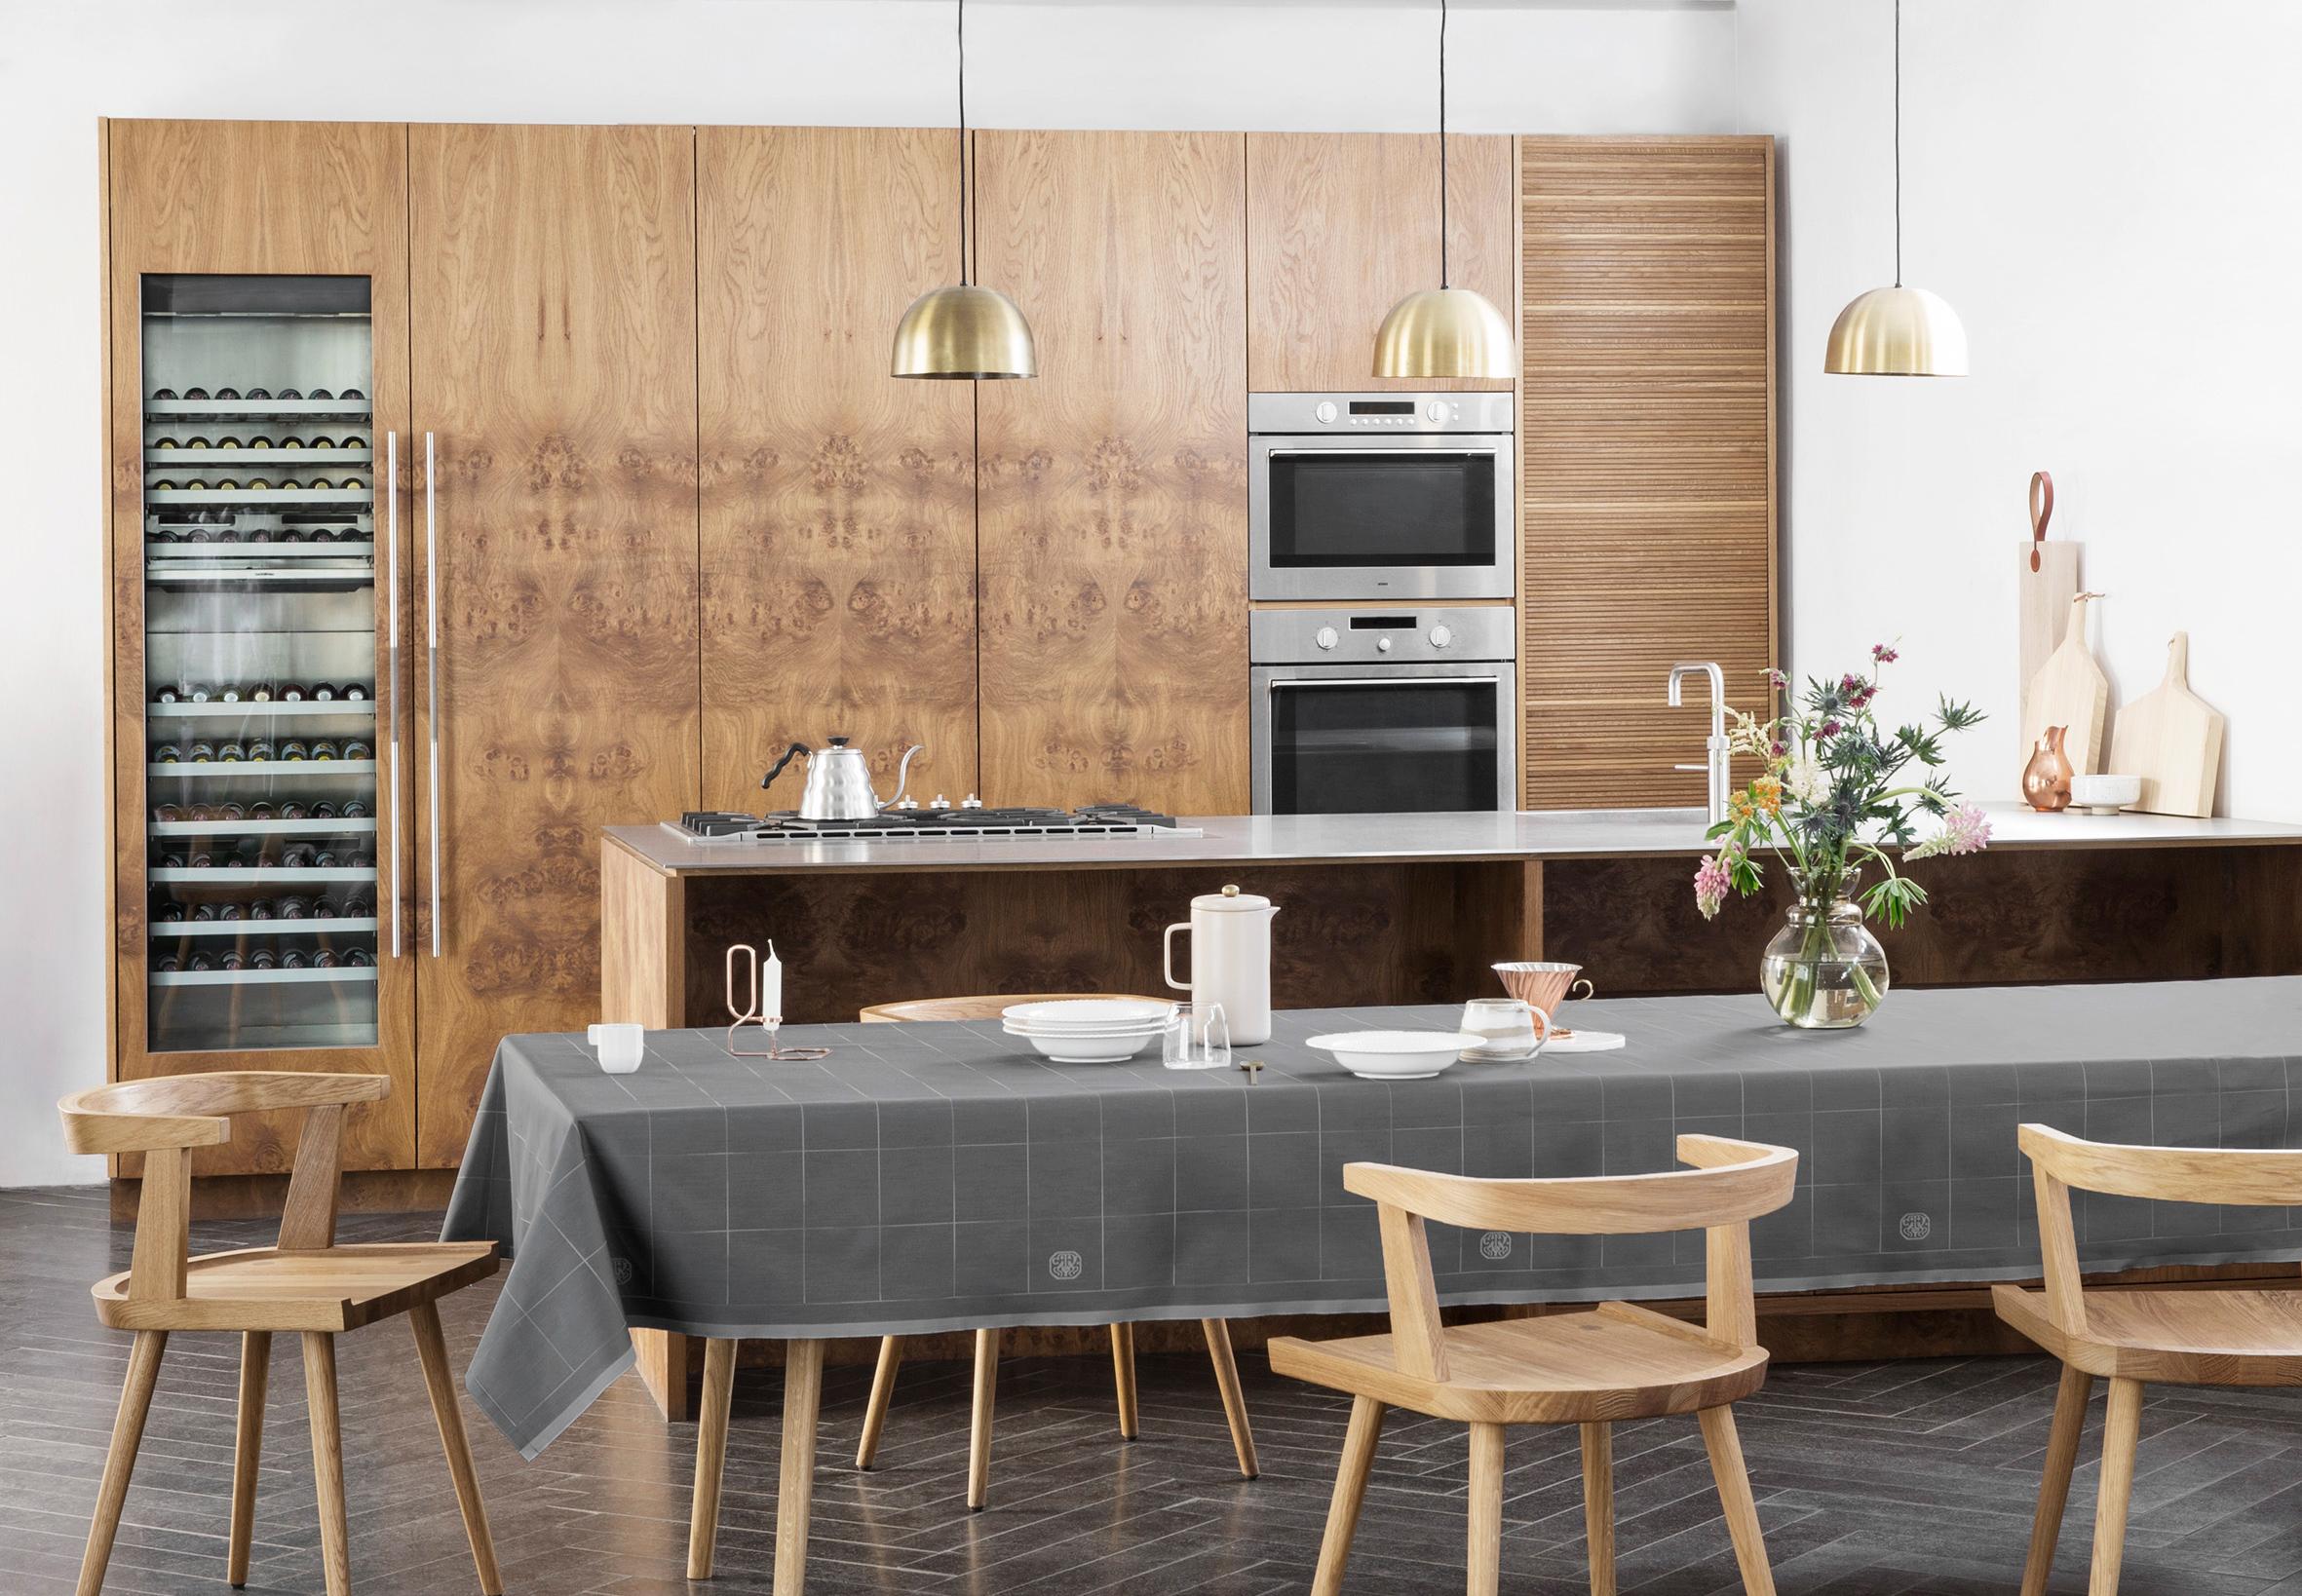 georg jensen damask og engesvik i k kkenet. Black Bedroom Furniture Sets. Home Design Ideas